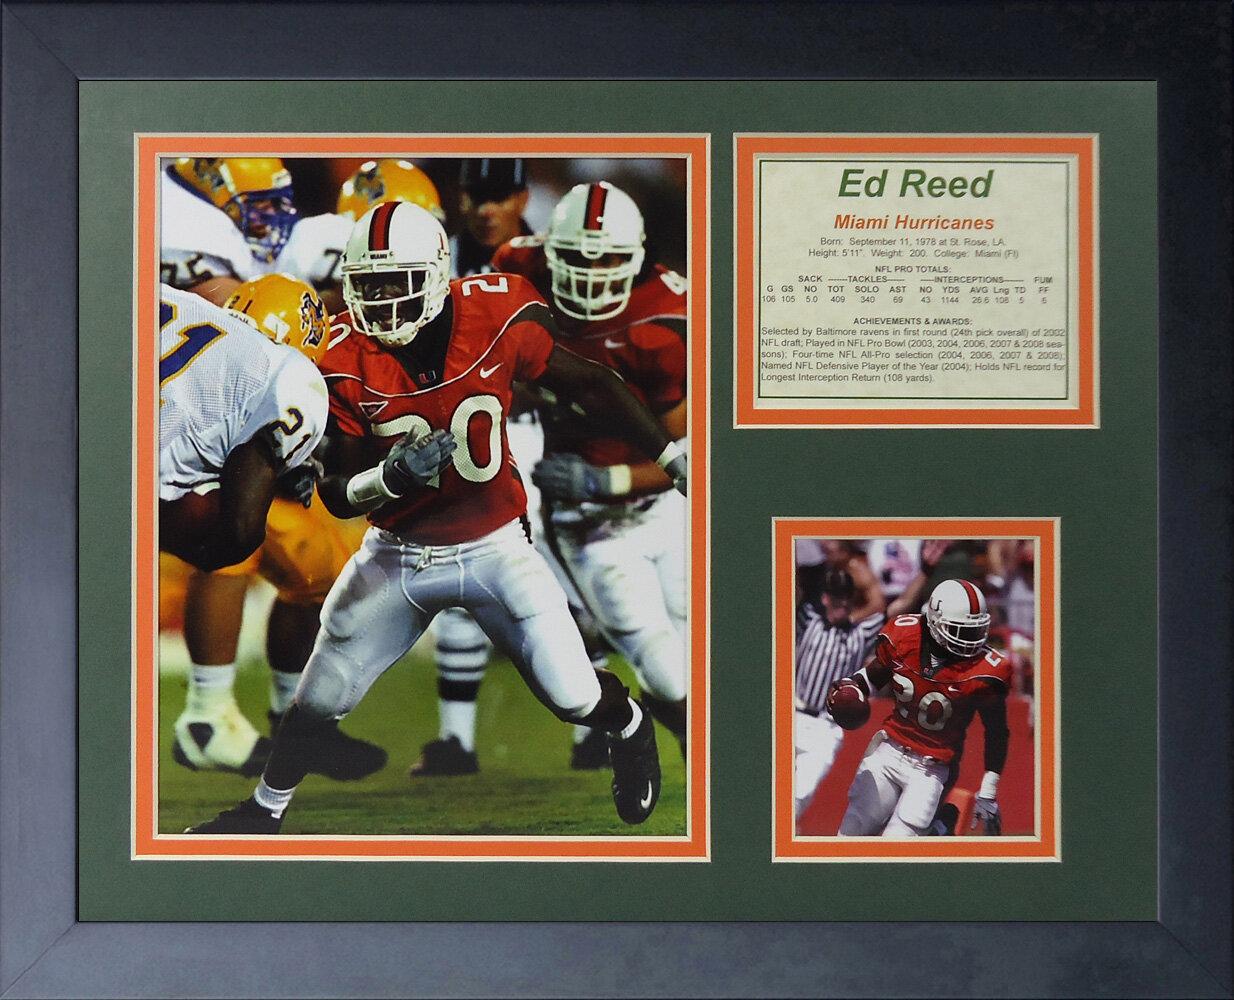 Legends Never Die Ed Reed